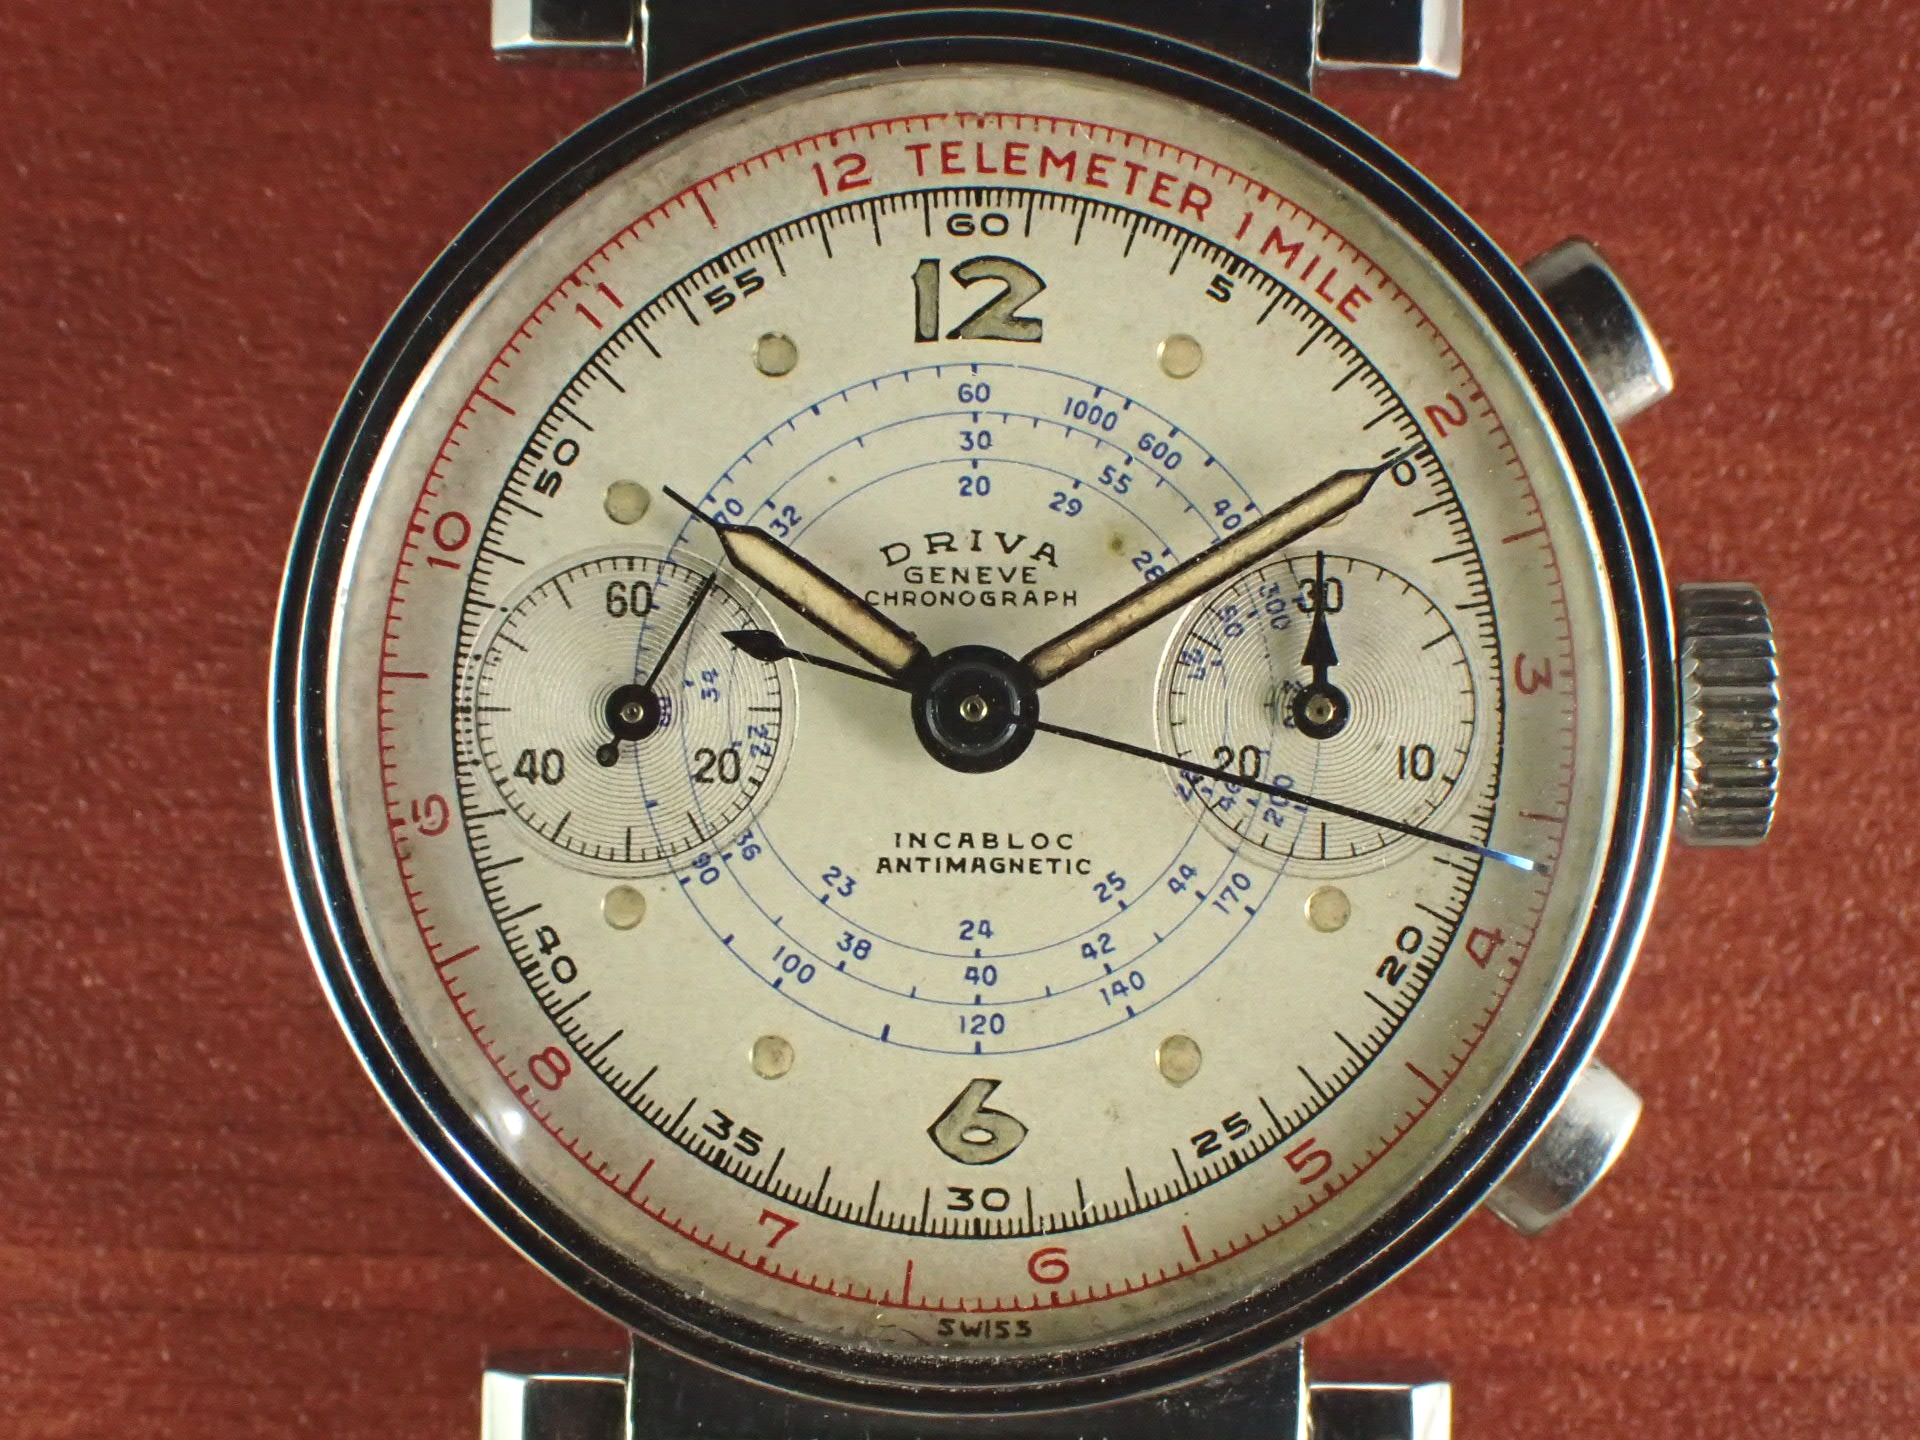 ドリバ クロノグラフ Cal.バルジュー22 フレキシブルラグ 1940年代の写真2枚目